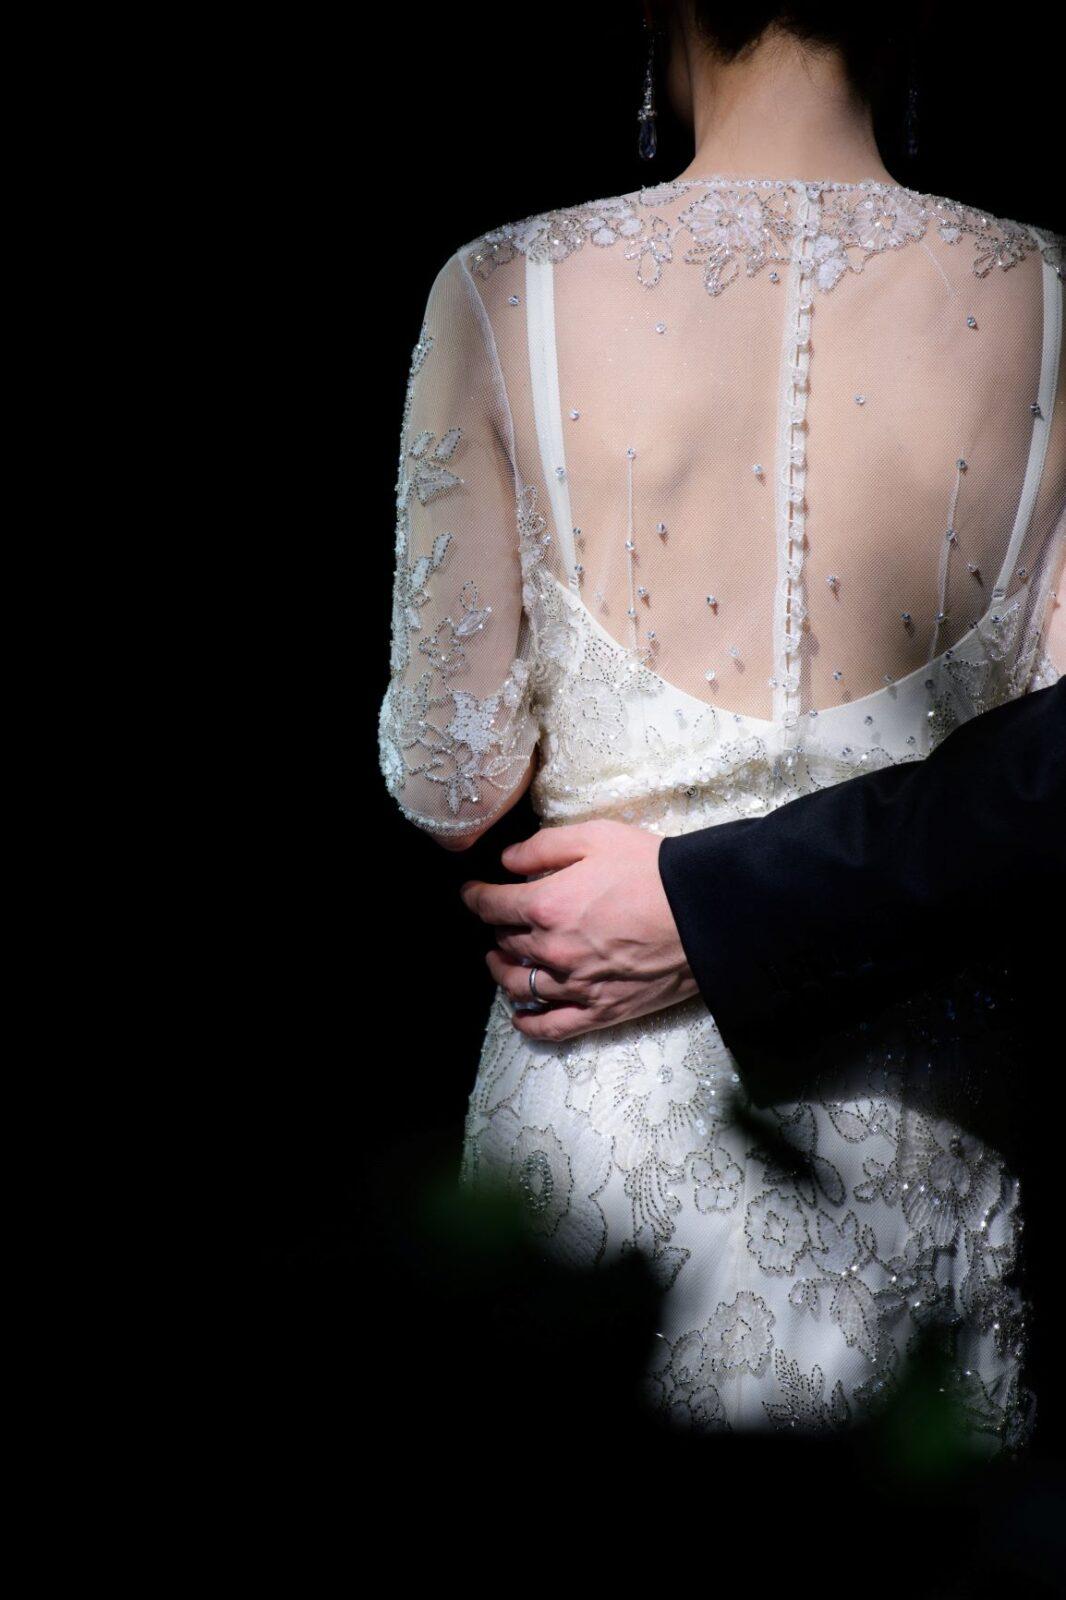 イギリス発の人気ブランド、ジェニーパッカムのウェディングドレスは手刺繍で施された繊細なビーディングが特徴的で、バックスタイルからも美しく印象的に魅せてくれます